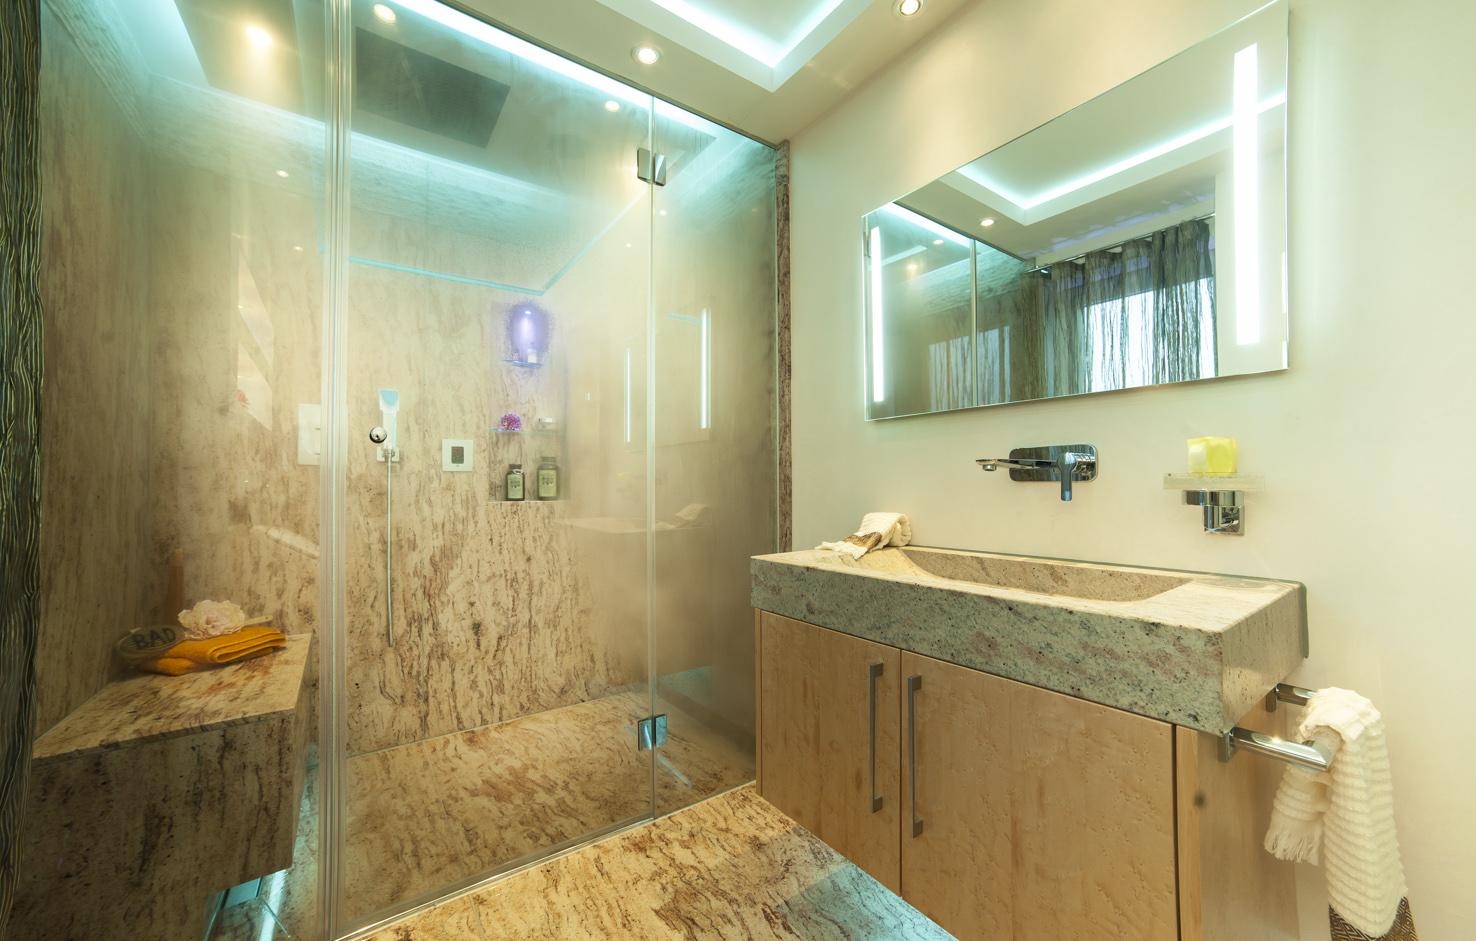 badarchitektur mit einem besonderem dusch erlebnis hwz. Black Bedroom Furniture Sets. Home Design Ideas